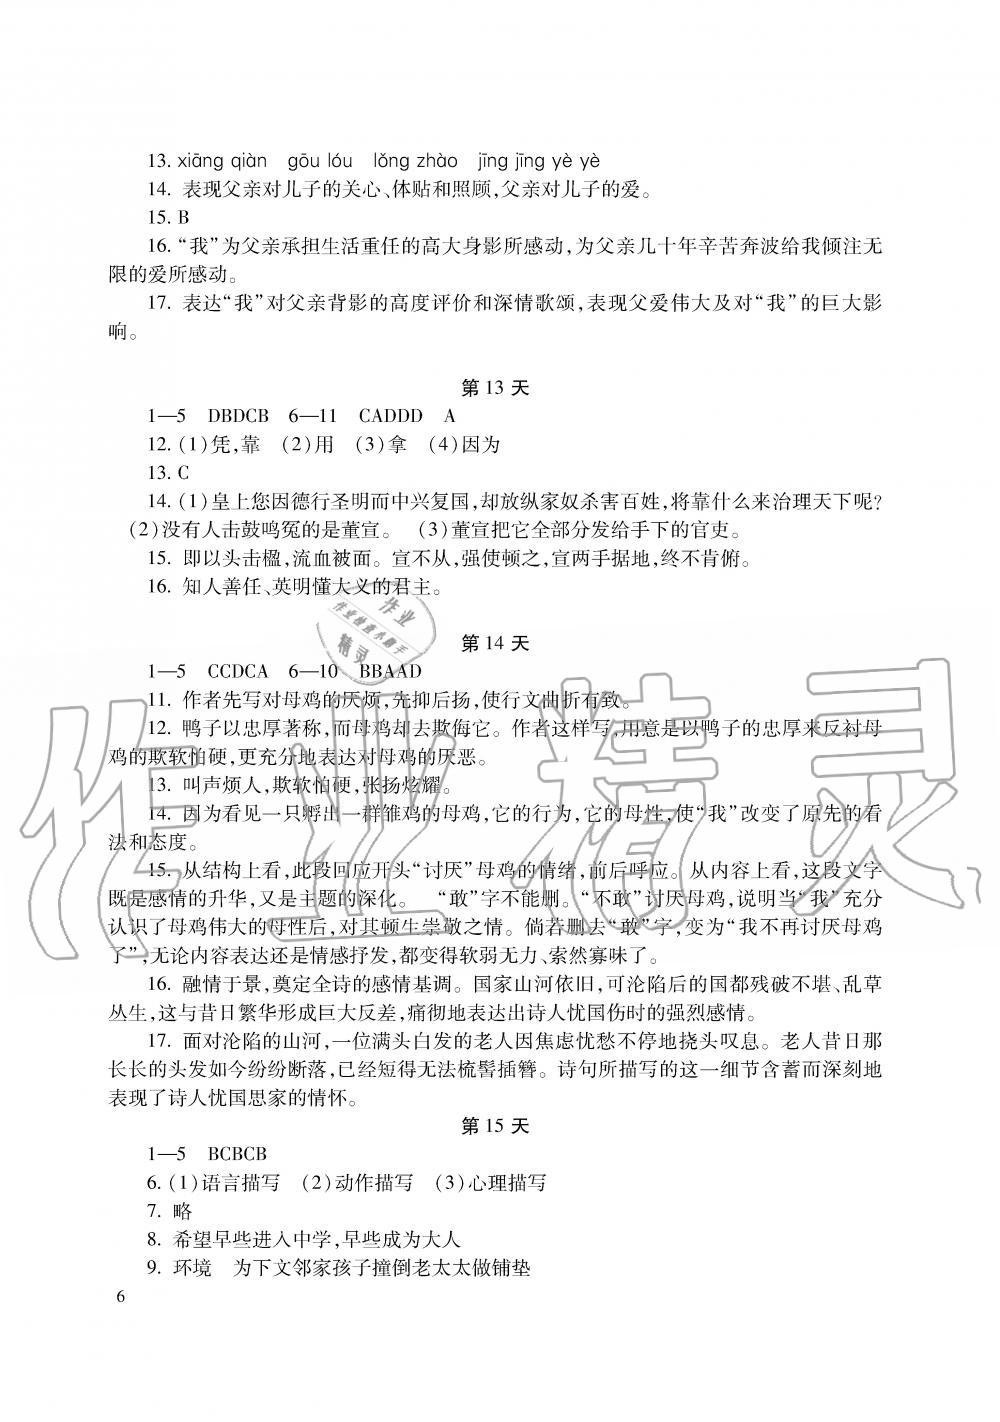 2019年暑假生活七年级语文数学英语湖南少年儿童出版社第6页